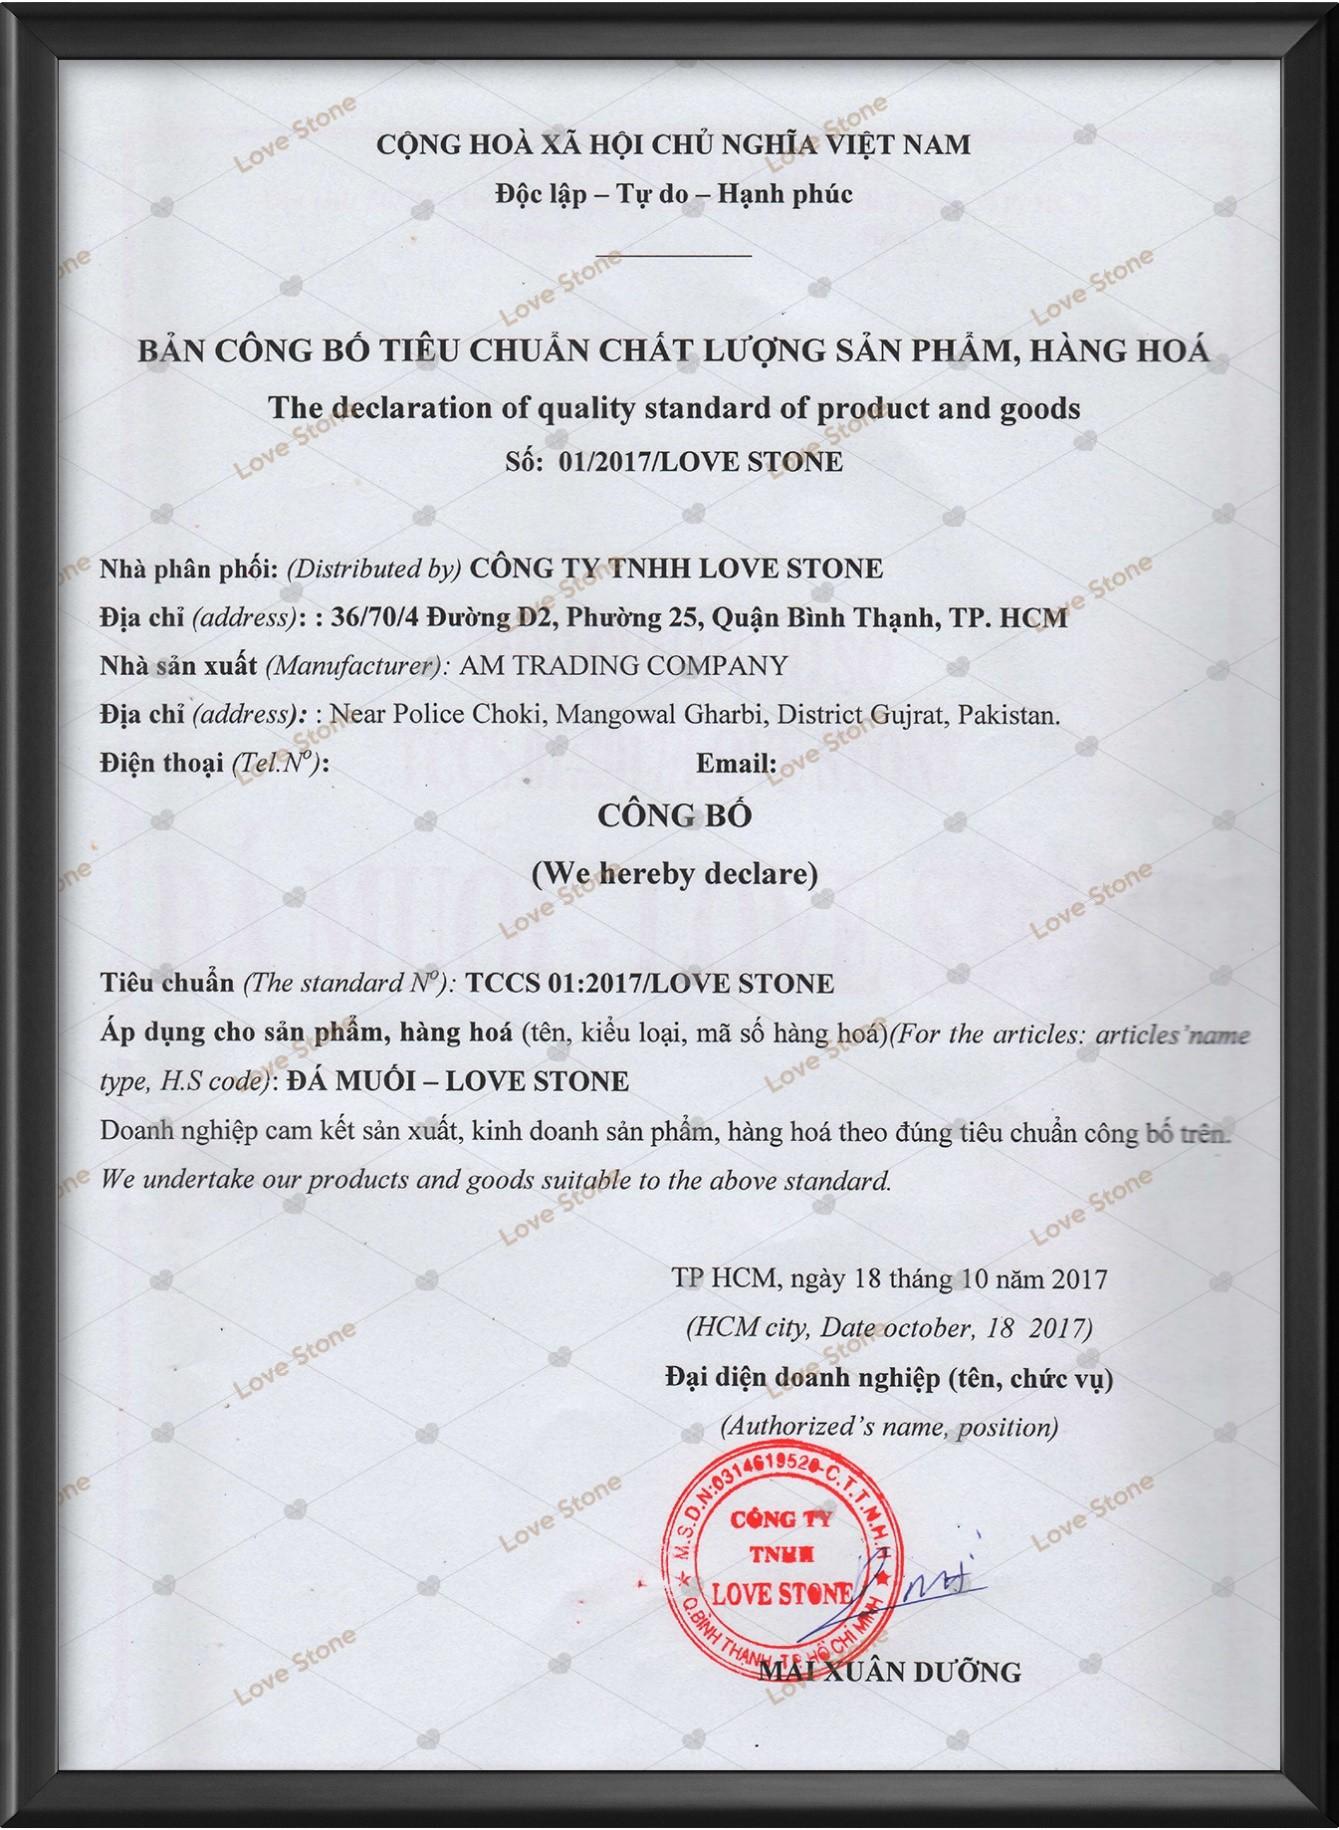 Đơn vị đầu tiên và duy nhất tại Việt Nam được cấp giấy công bố chất lượng sản phẩm hộp đá muối.